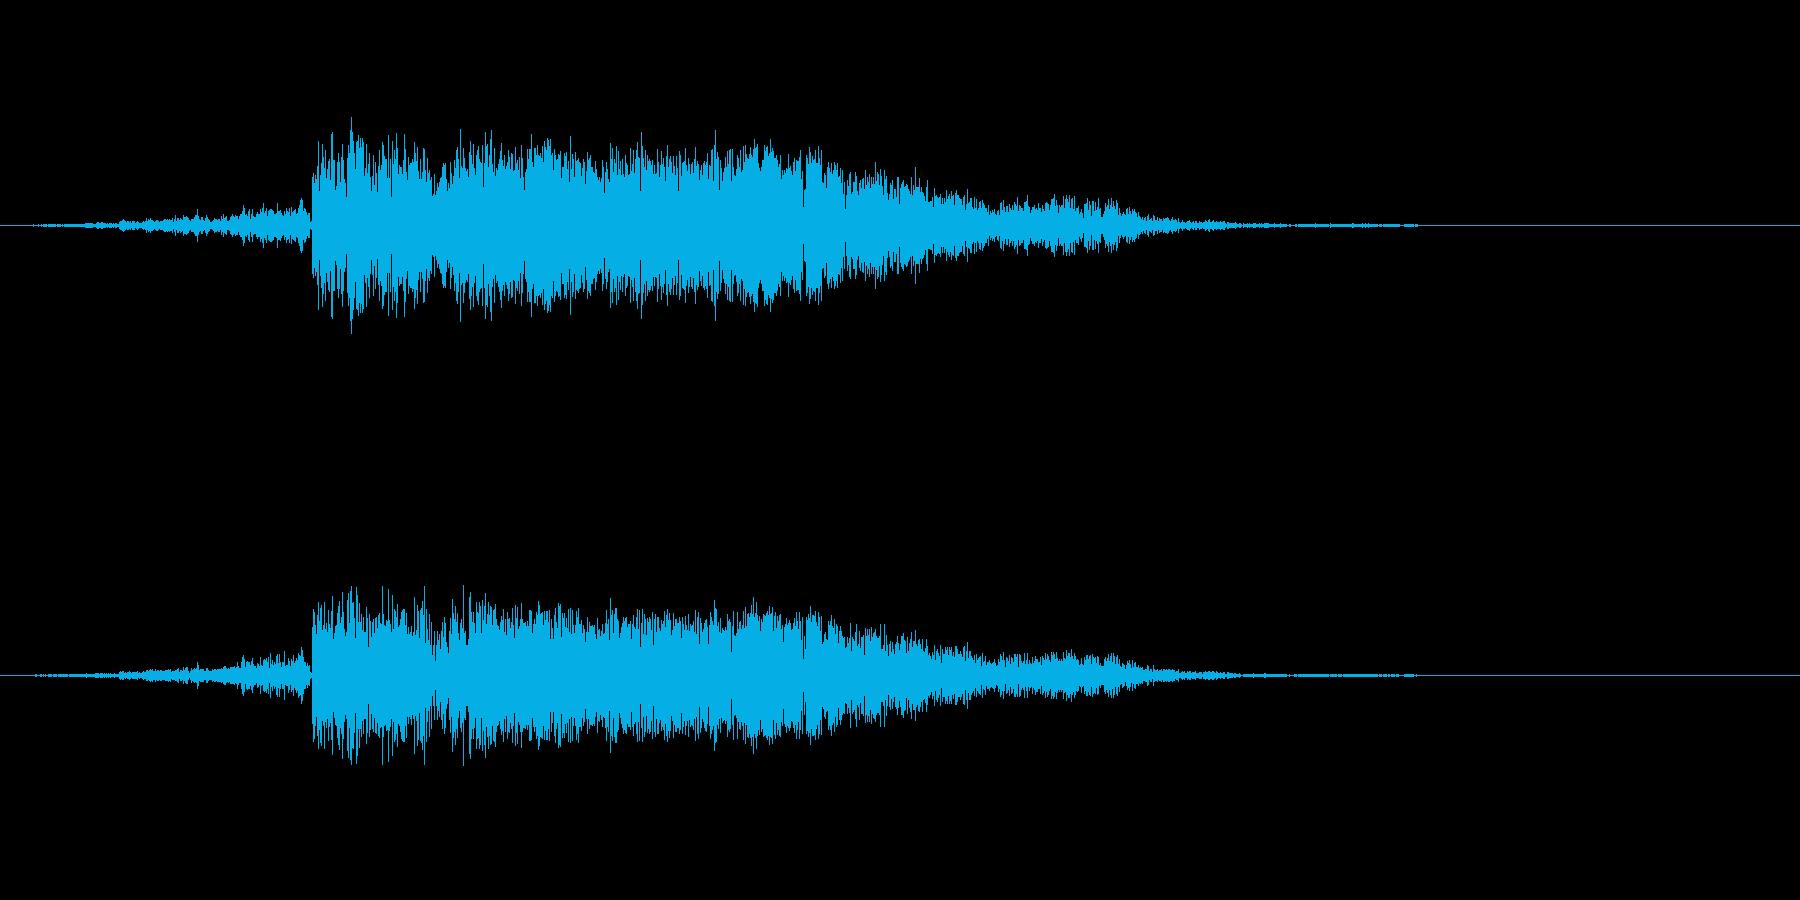 シャキン 金属 剣 攻撃の再生済みの波形